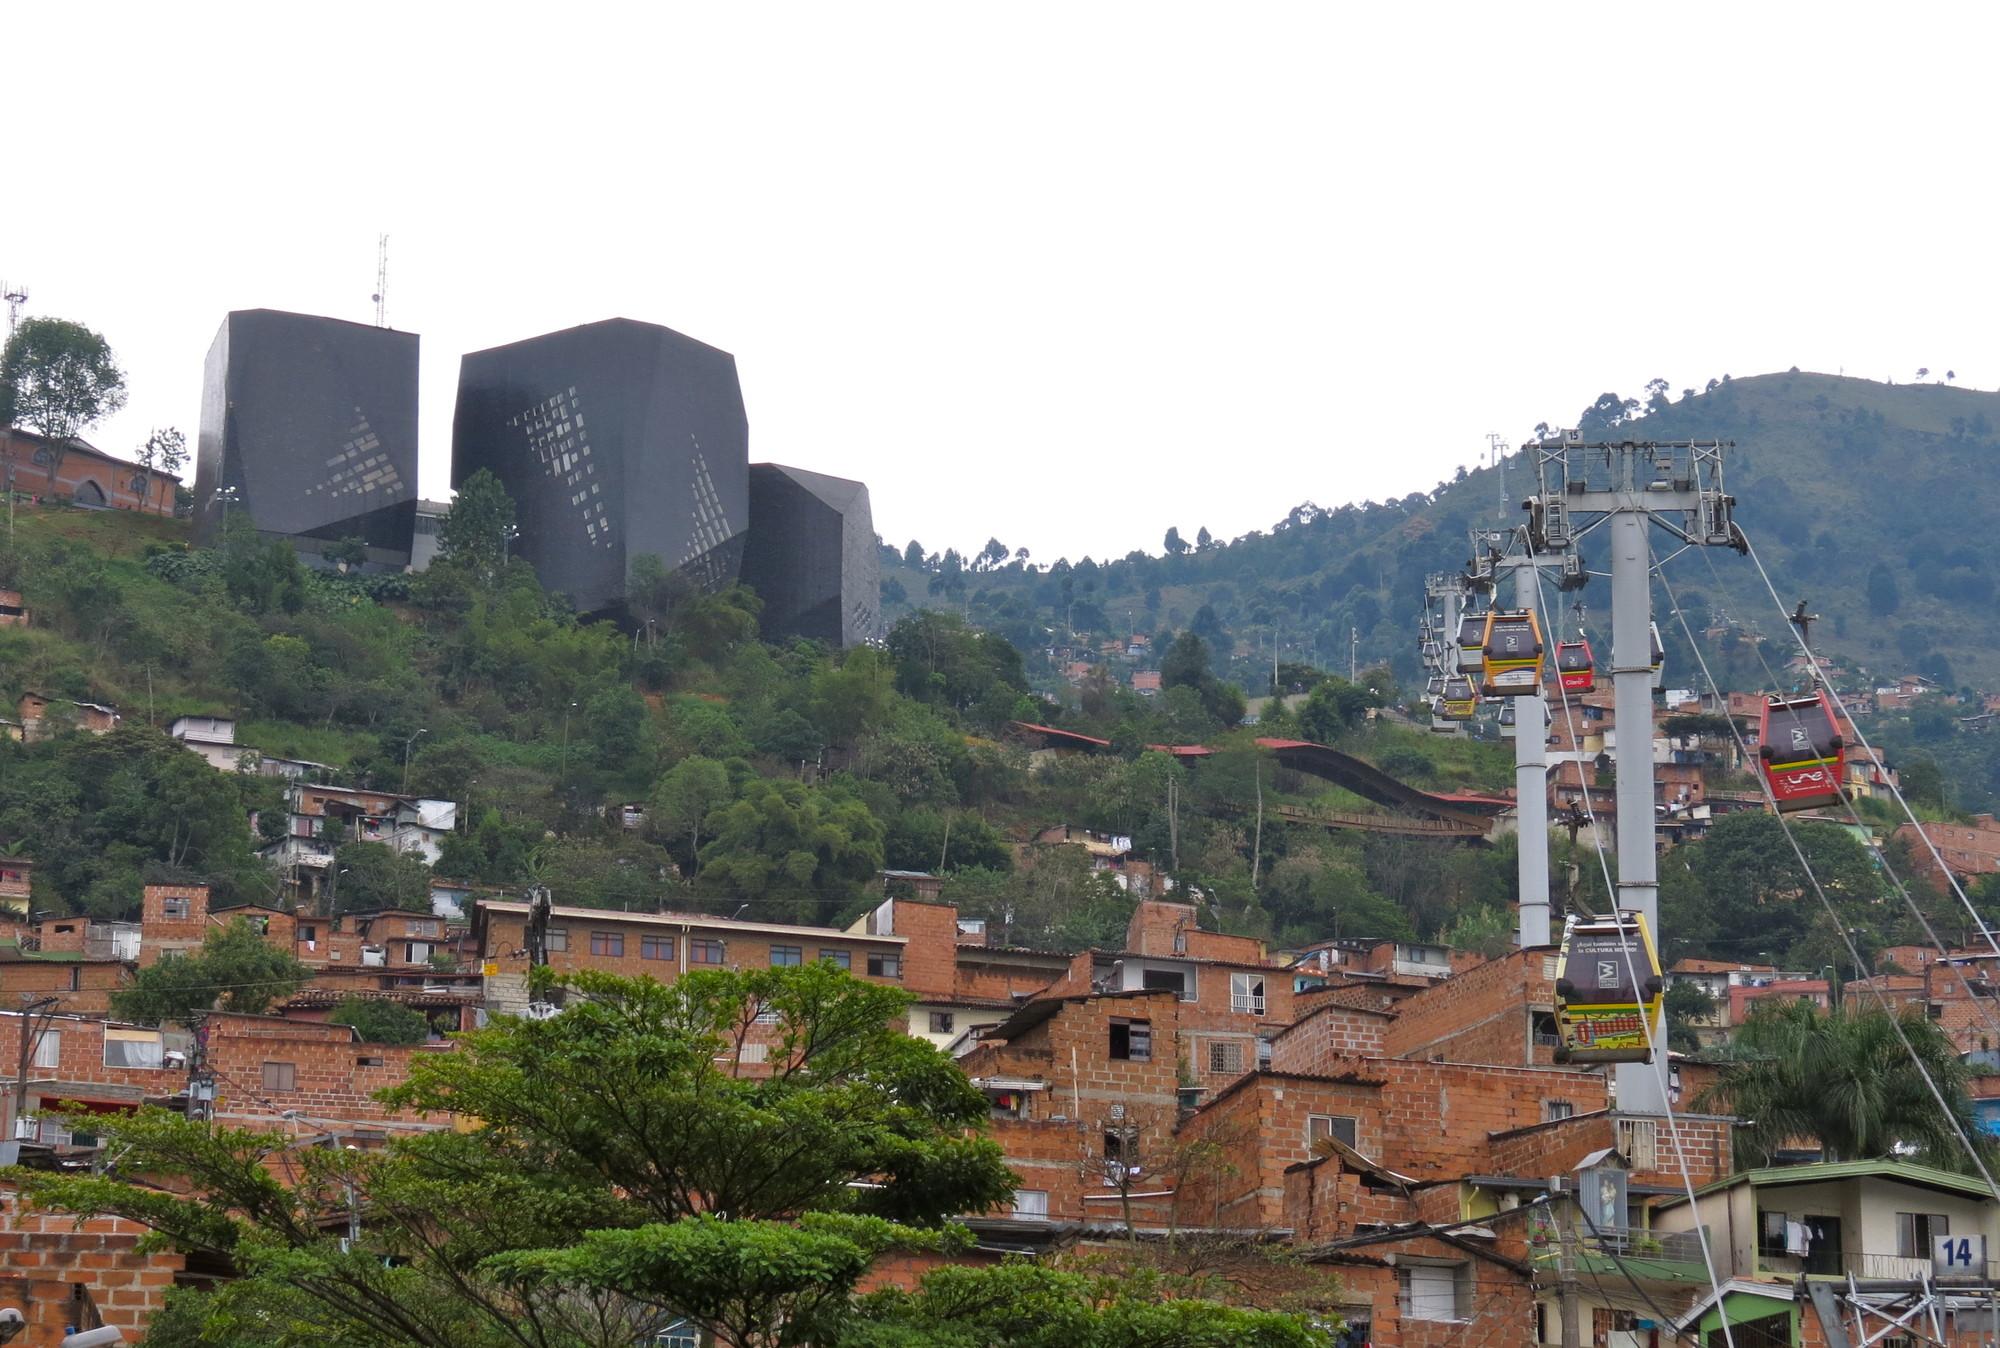 ¿Basta con buena arquitectura para construir mejores ciudades? El caso de Medellín.